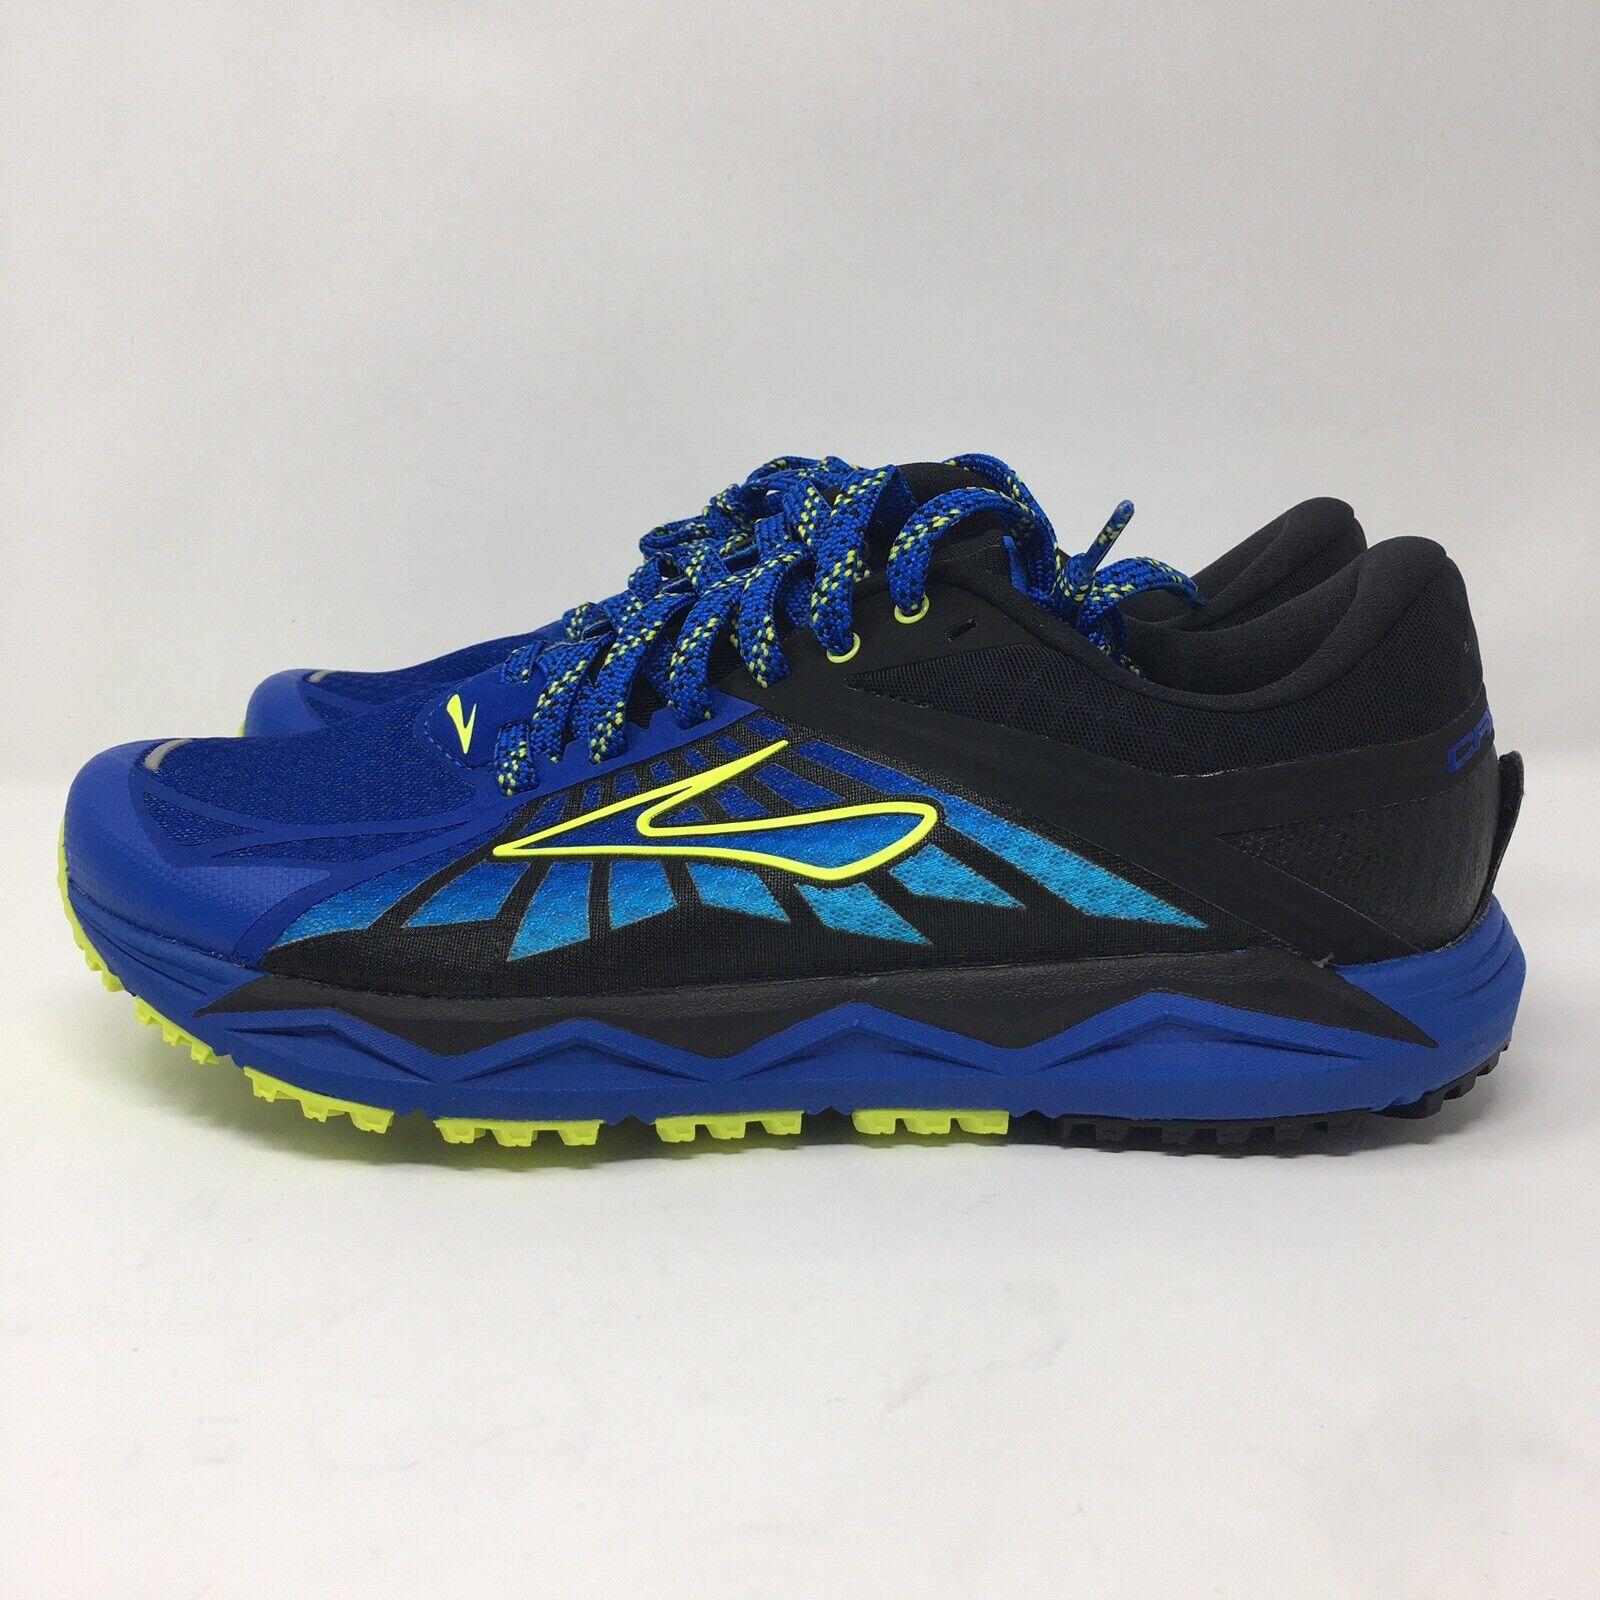 Brooks Caldera Trail Zapatos Azul Volt 1102421D445 para hombre Talla 8